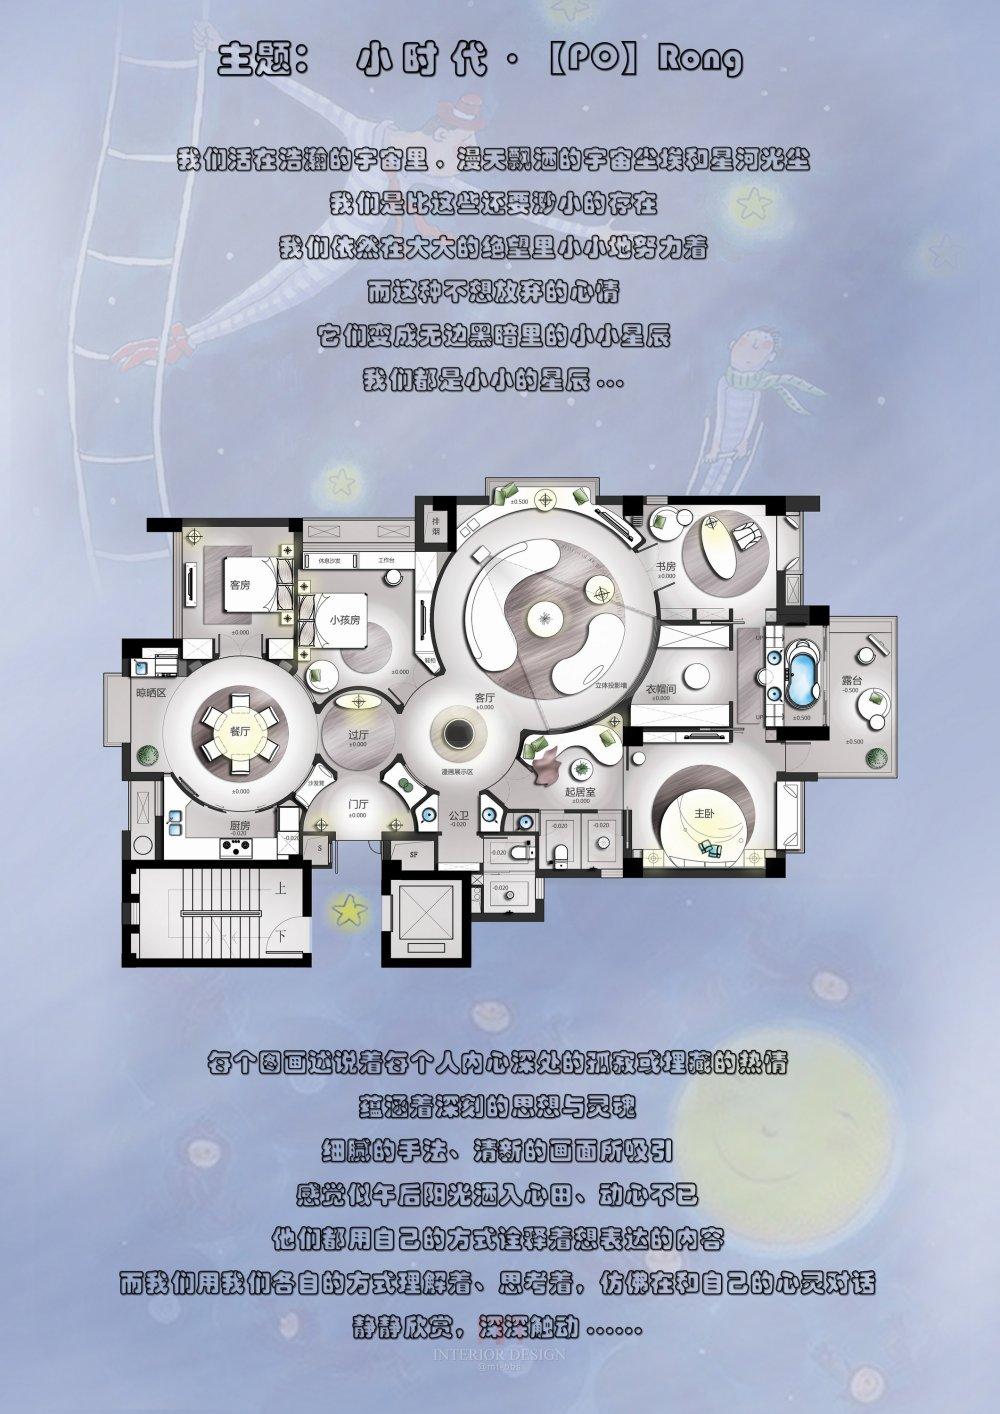 【第12期-住宅平面优化】漫画家的住宅9个方案 投票奖励DB_08.jpg